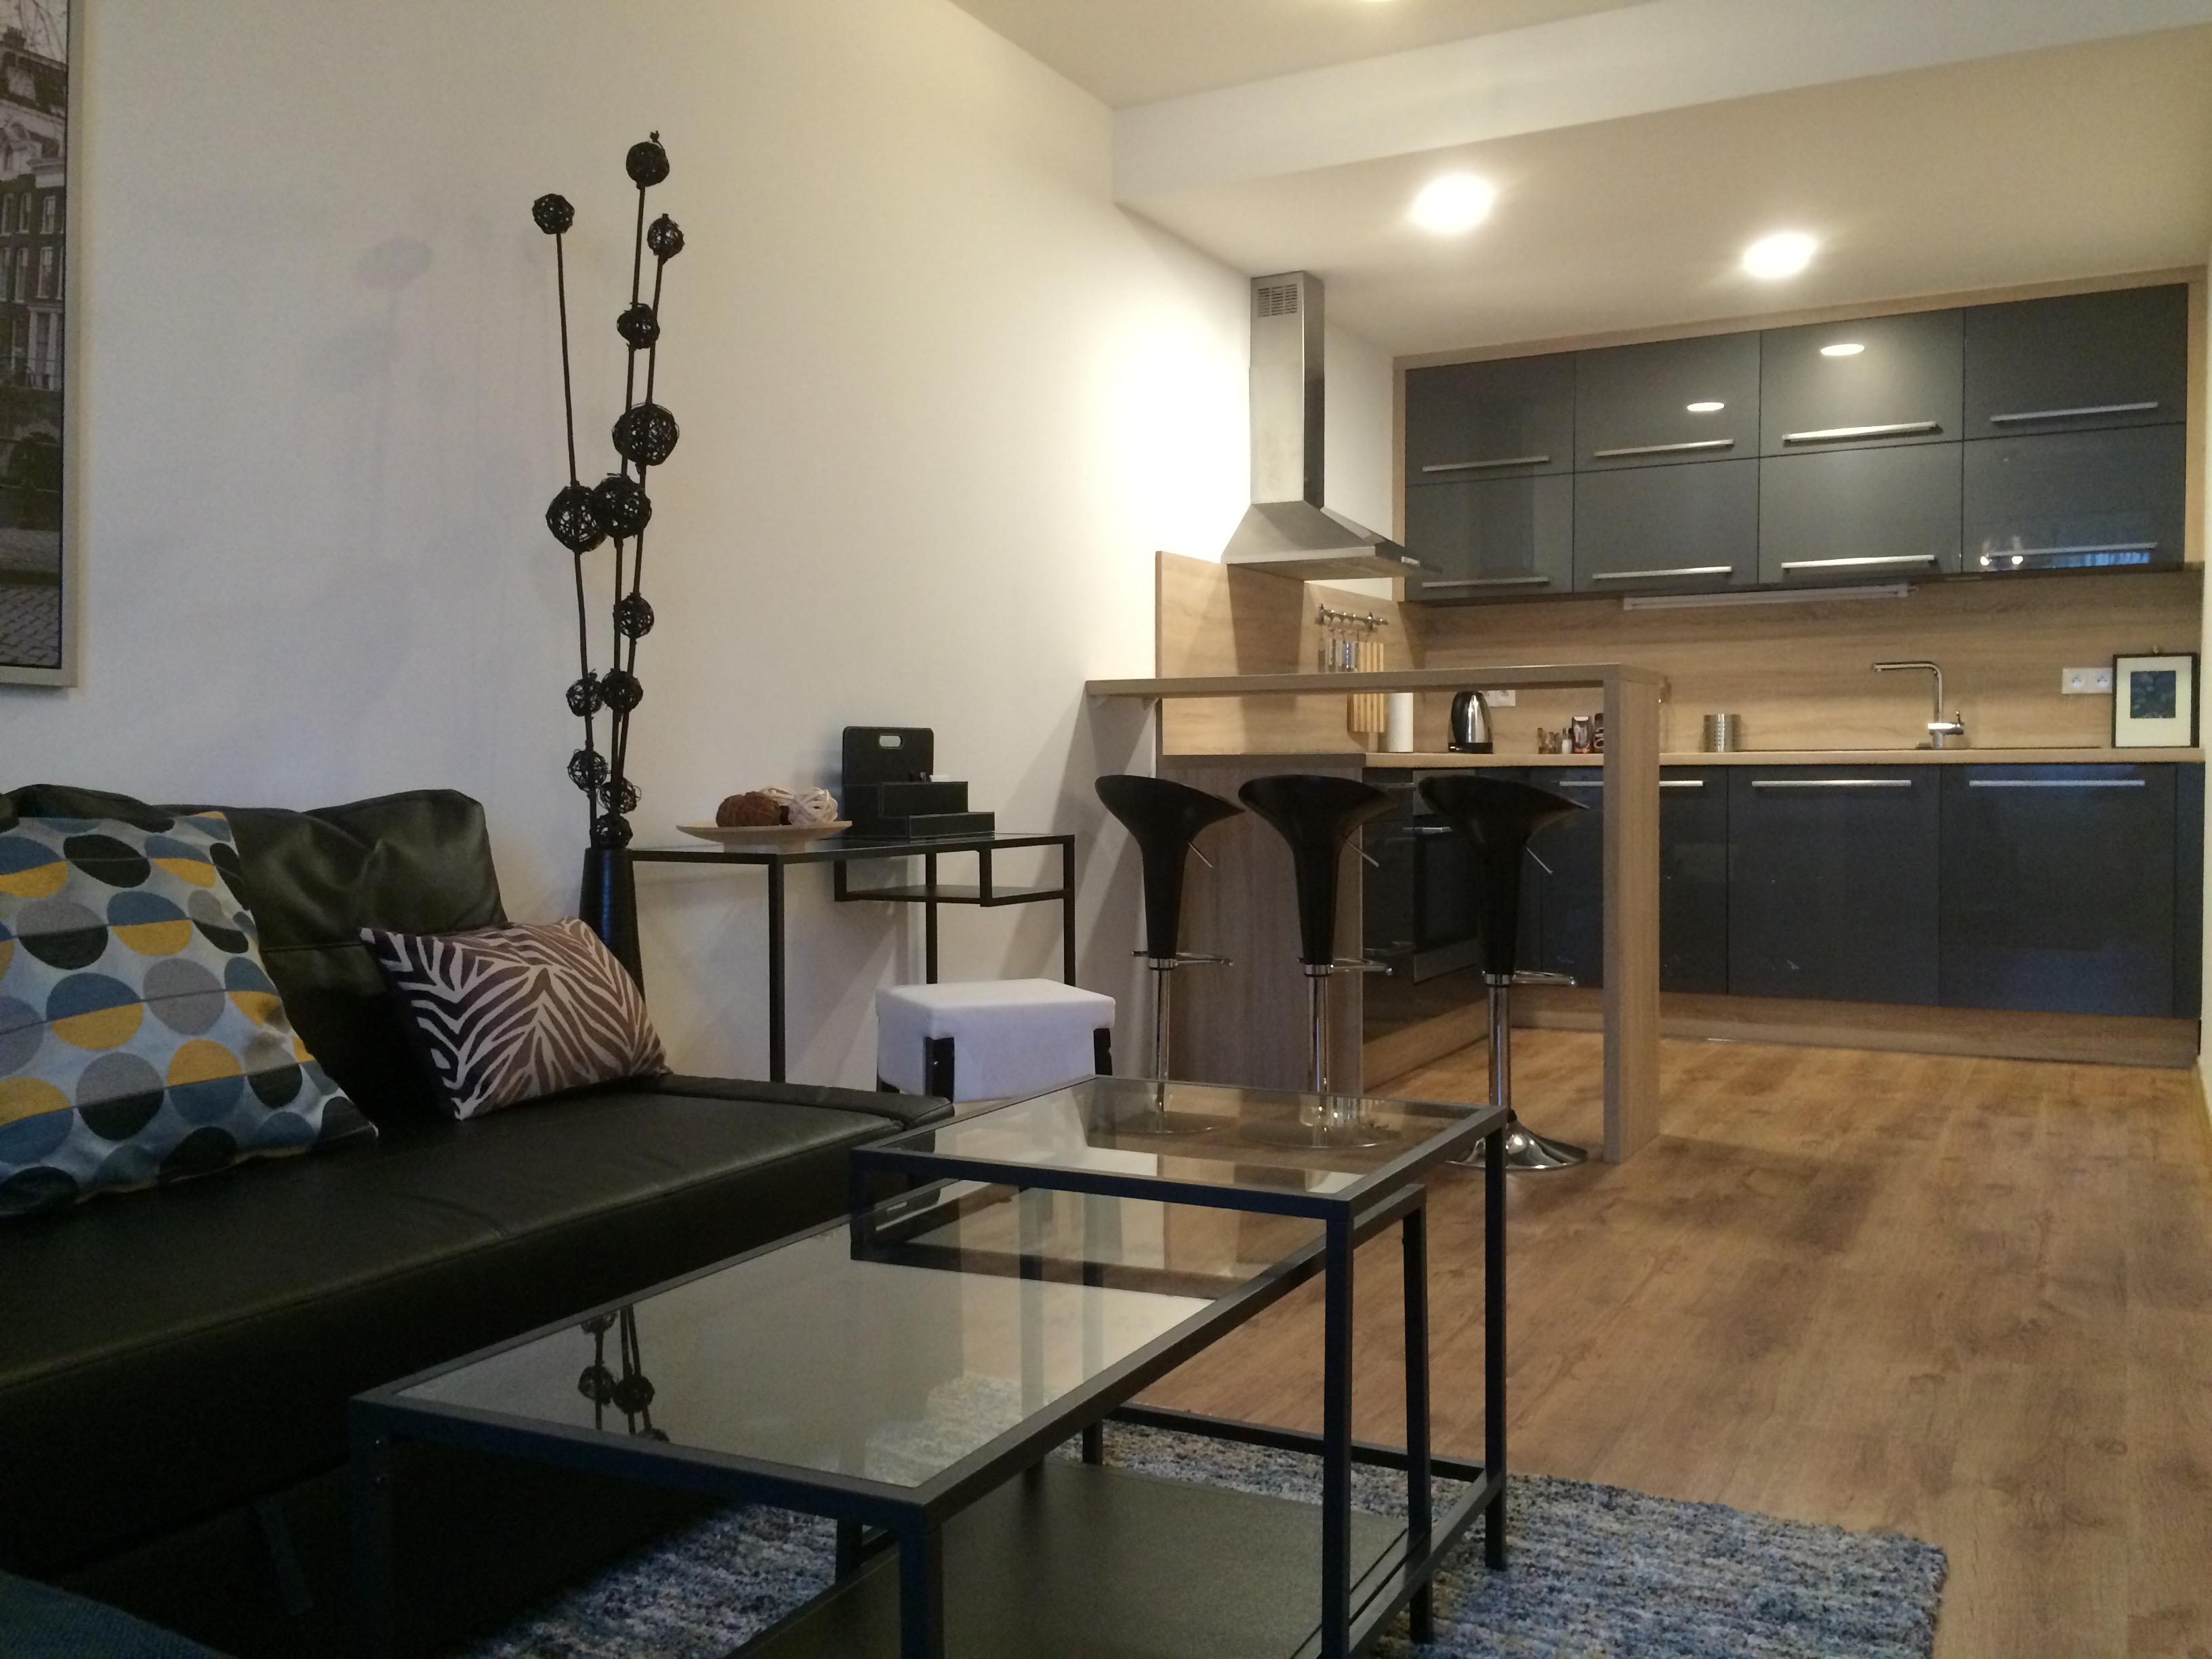 Prenajmeme 2 i byt v Novostavbe, Stare Mesto, čast suche myto ( Modra gula), navrhnute architektom